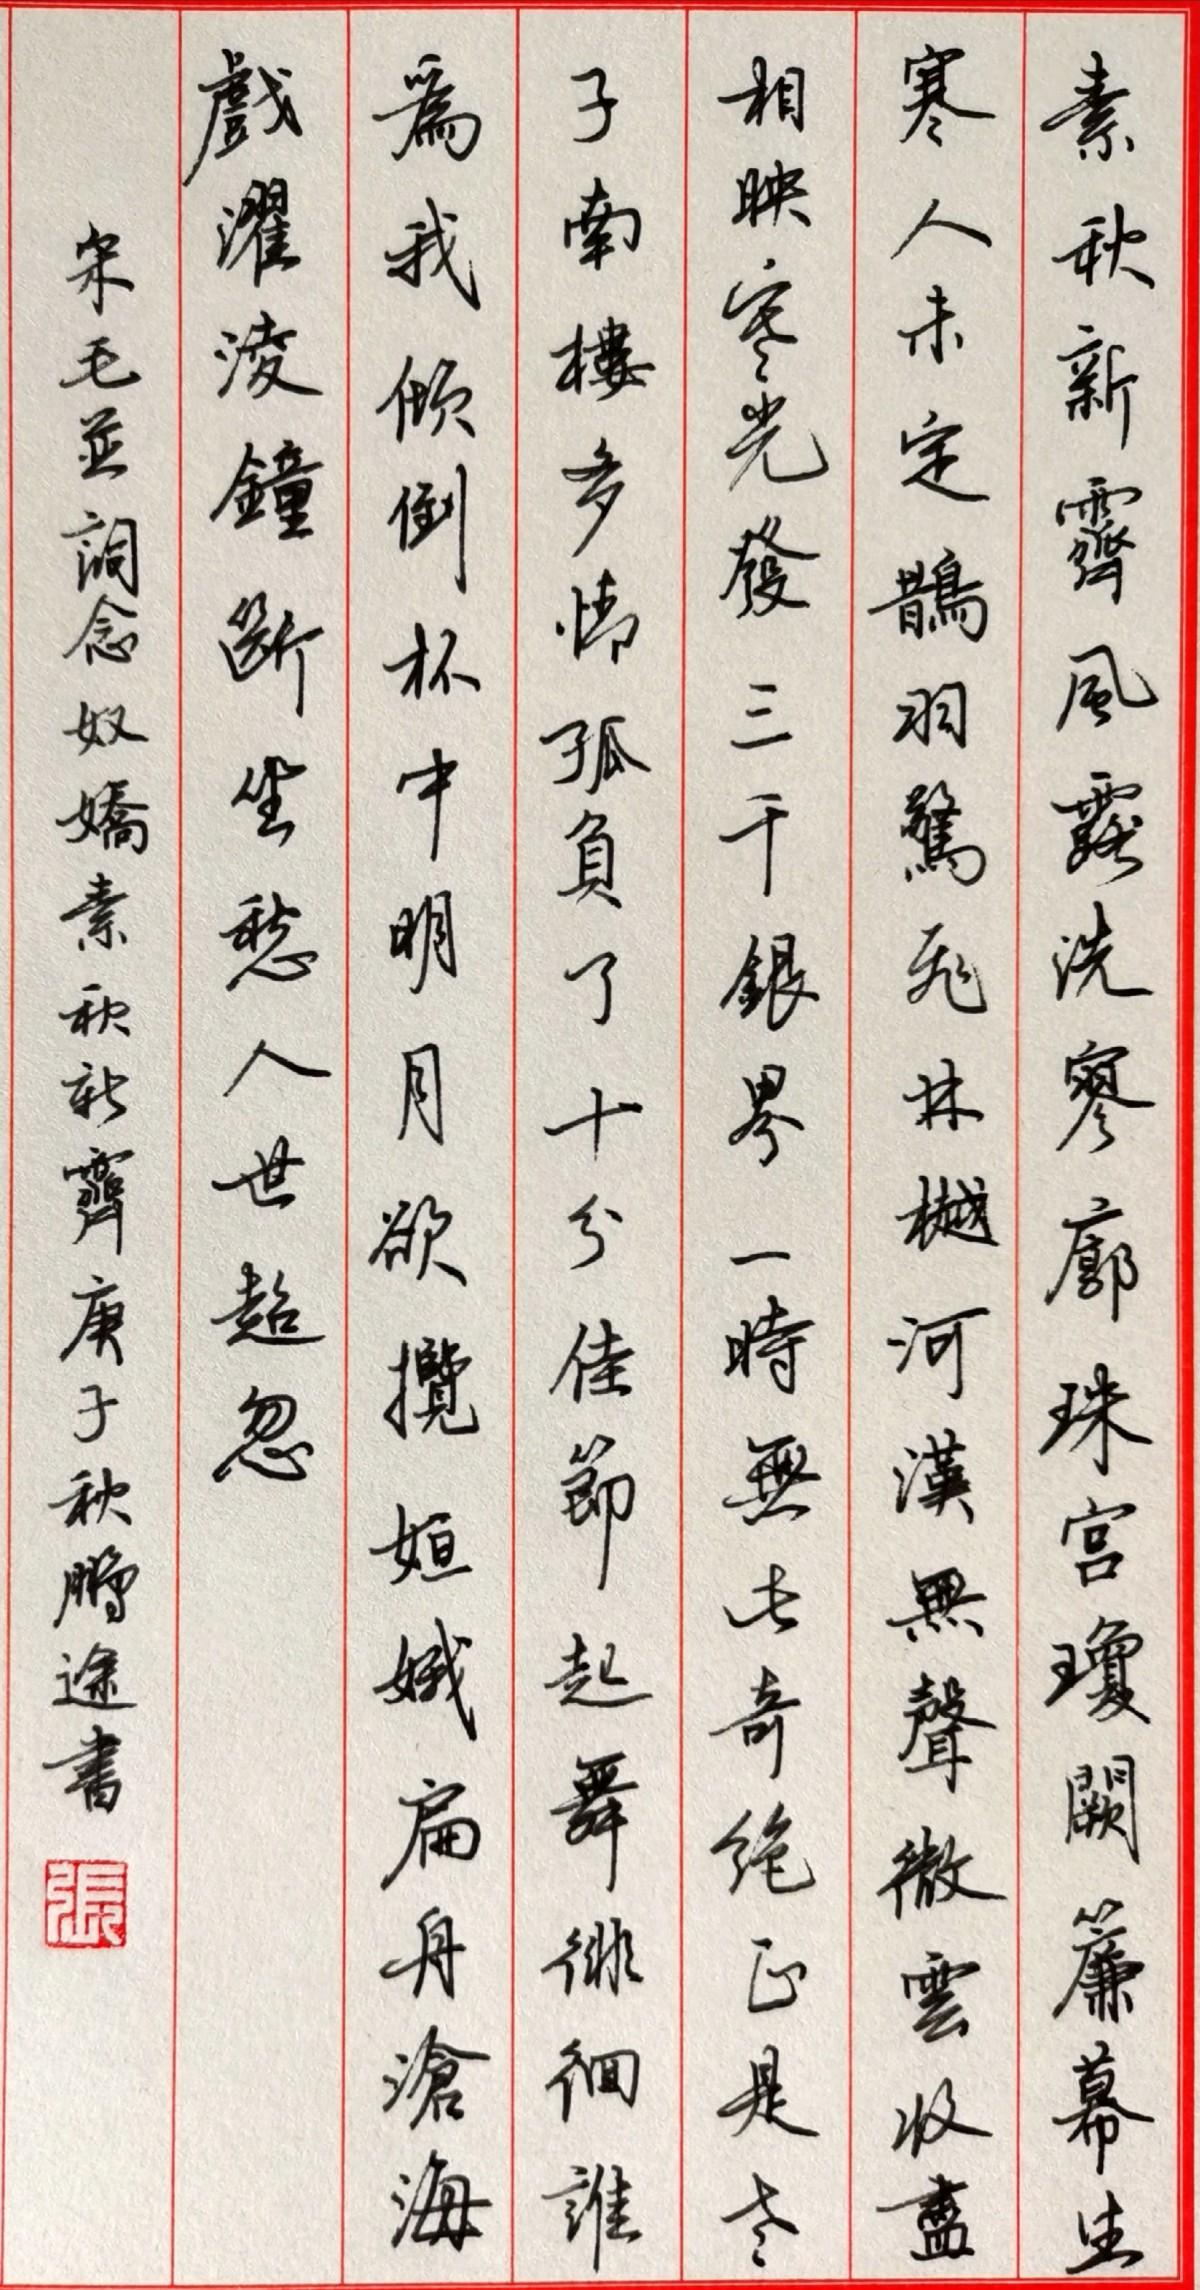 钢笔字练字打卡20201020-07